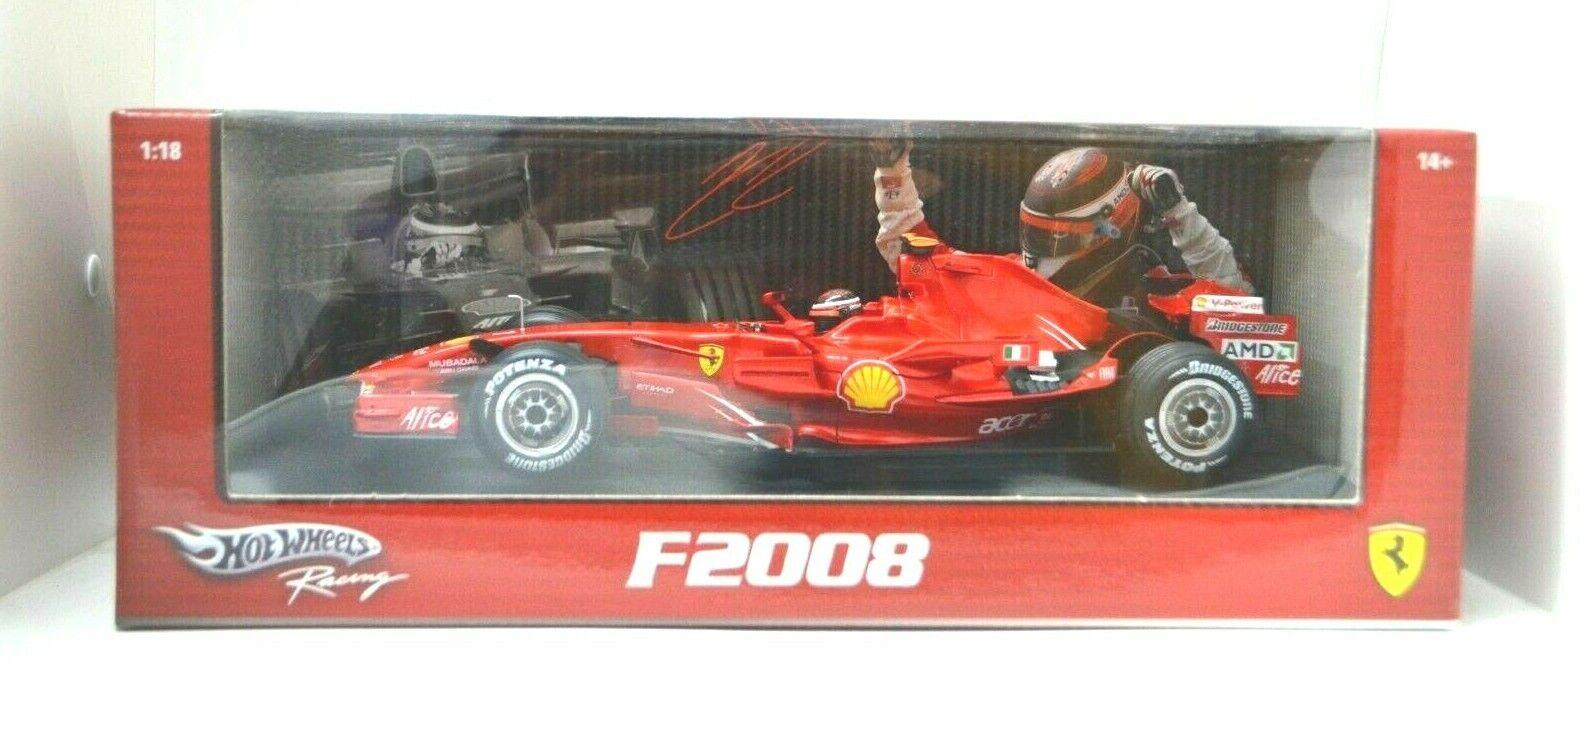 1 18 Scale Ferrari F1 F2008 Kimi Raikkonen Red Diecast Hotwheels Racing